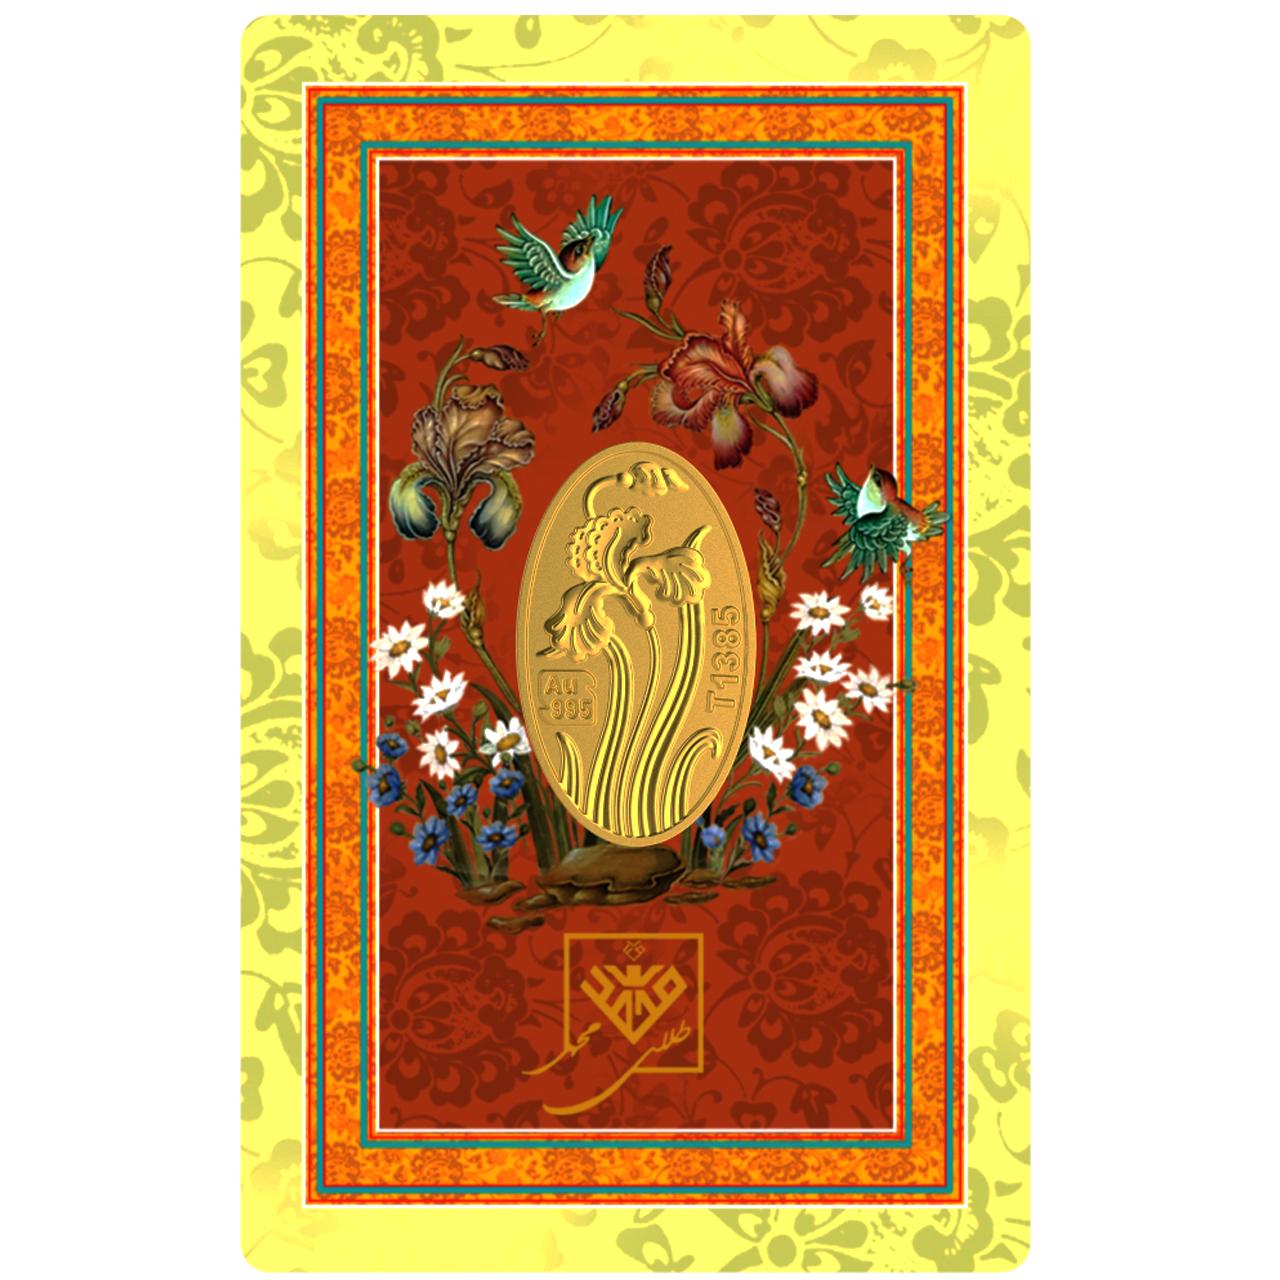 قیمت پلاک طلای 24 عیار طلای محمد مدل گل زنبق کارتی zd